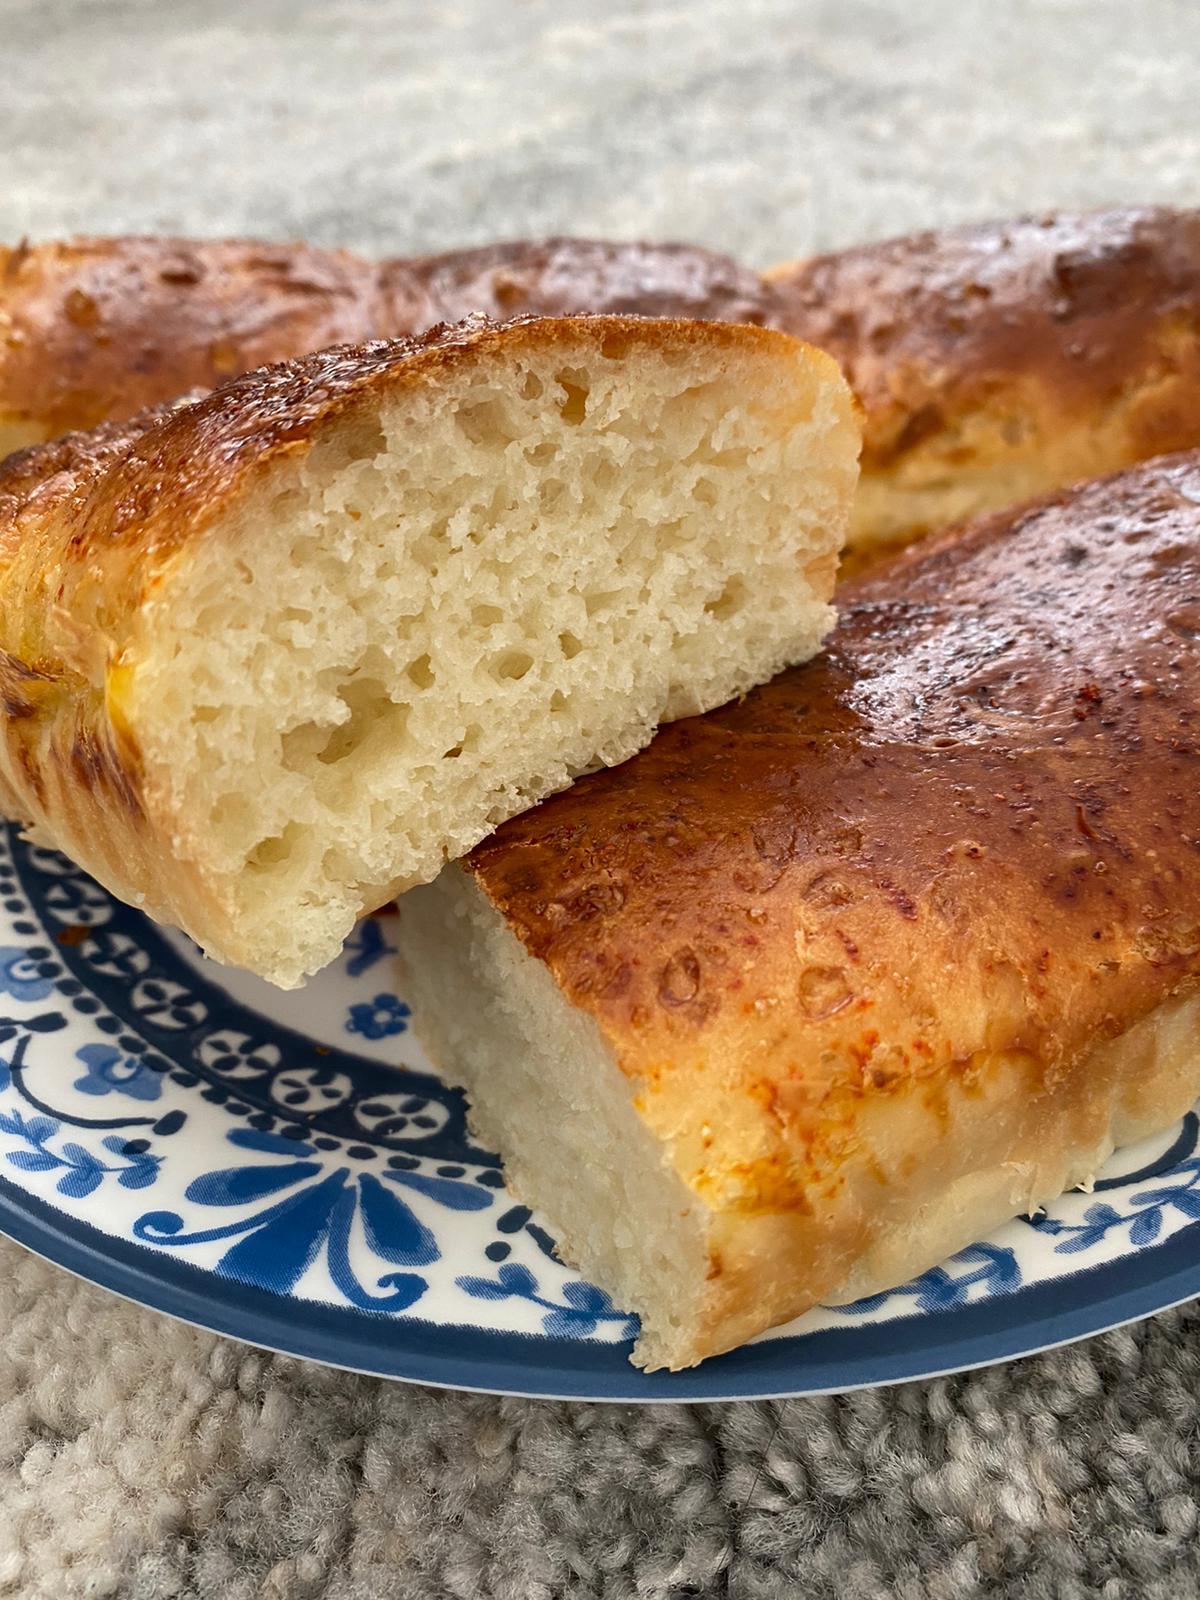 לאכול כמו דודו אהרון: לחם כשר לפסח